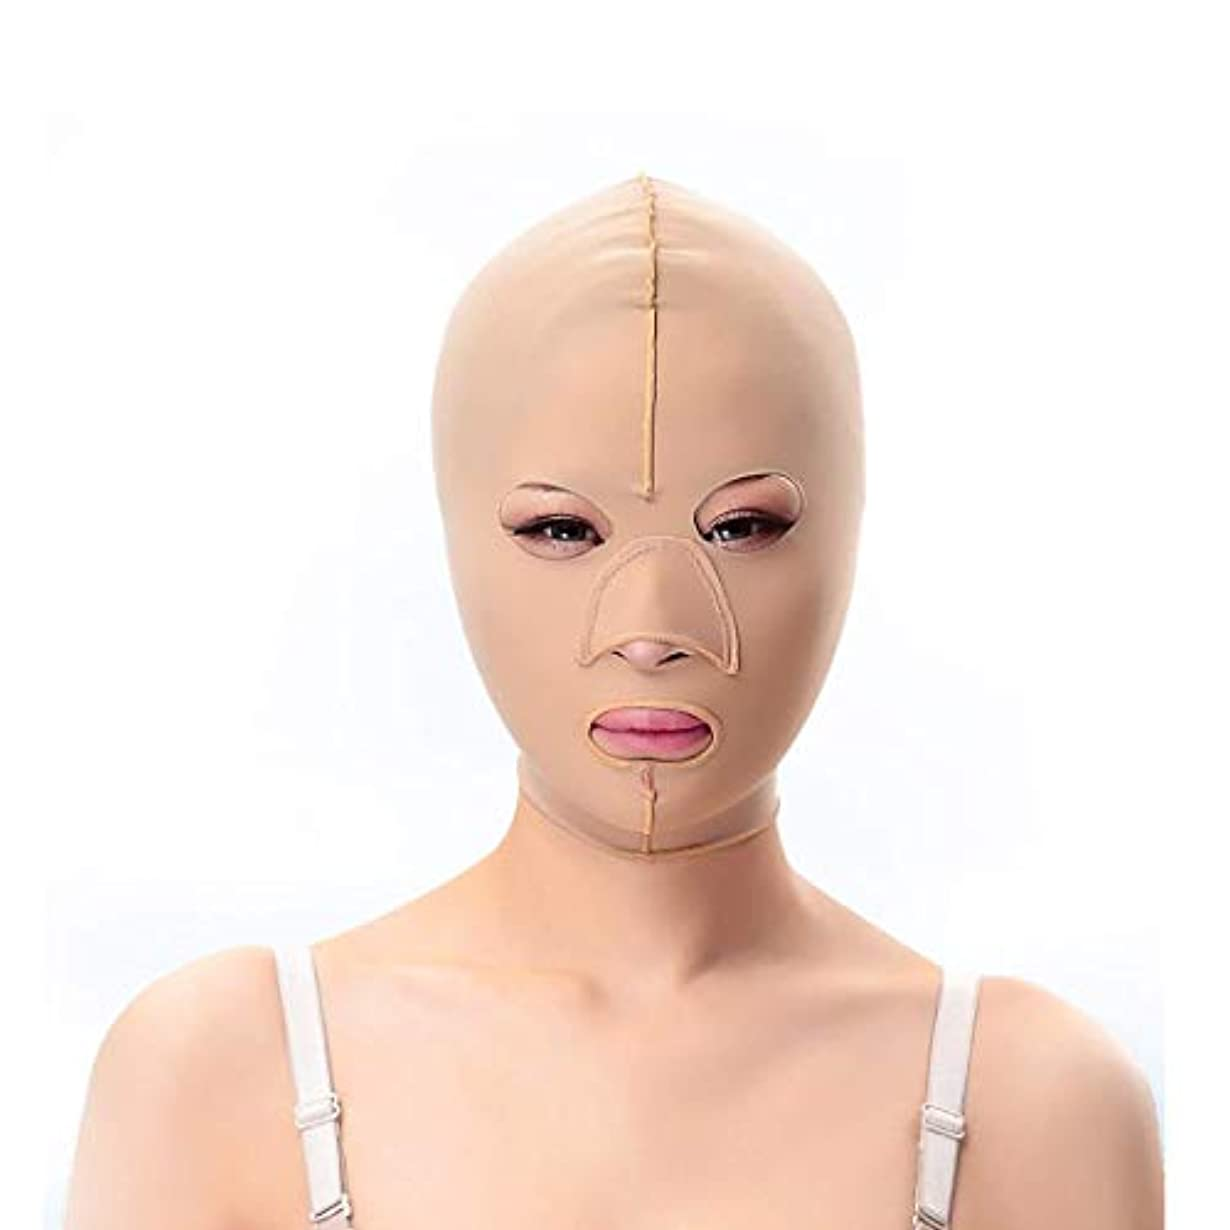 領事館属性パブスリミングベルト、フェイシャルマスク薄いフェイスマスク布布パターンリフティングダブルあご引き締めフェイシャルプラスチック顔アーティファクト強力な顔包帯(サイズ:M)